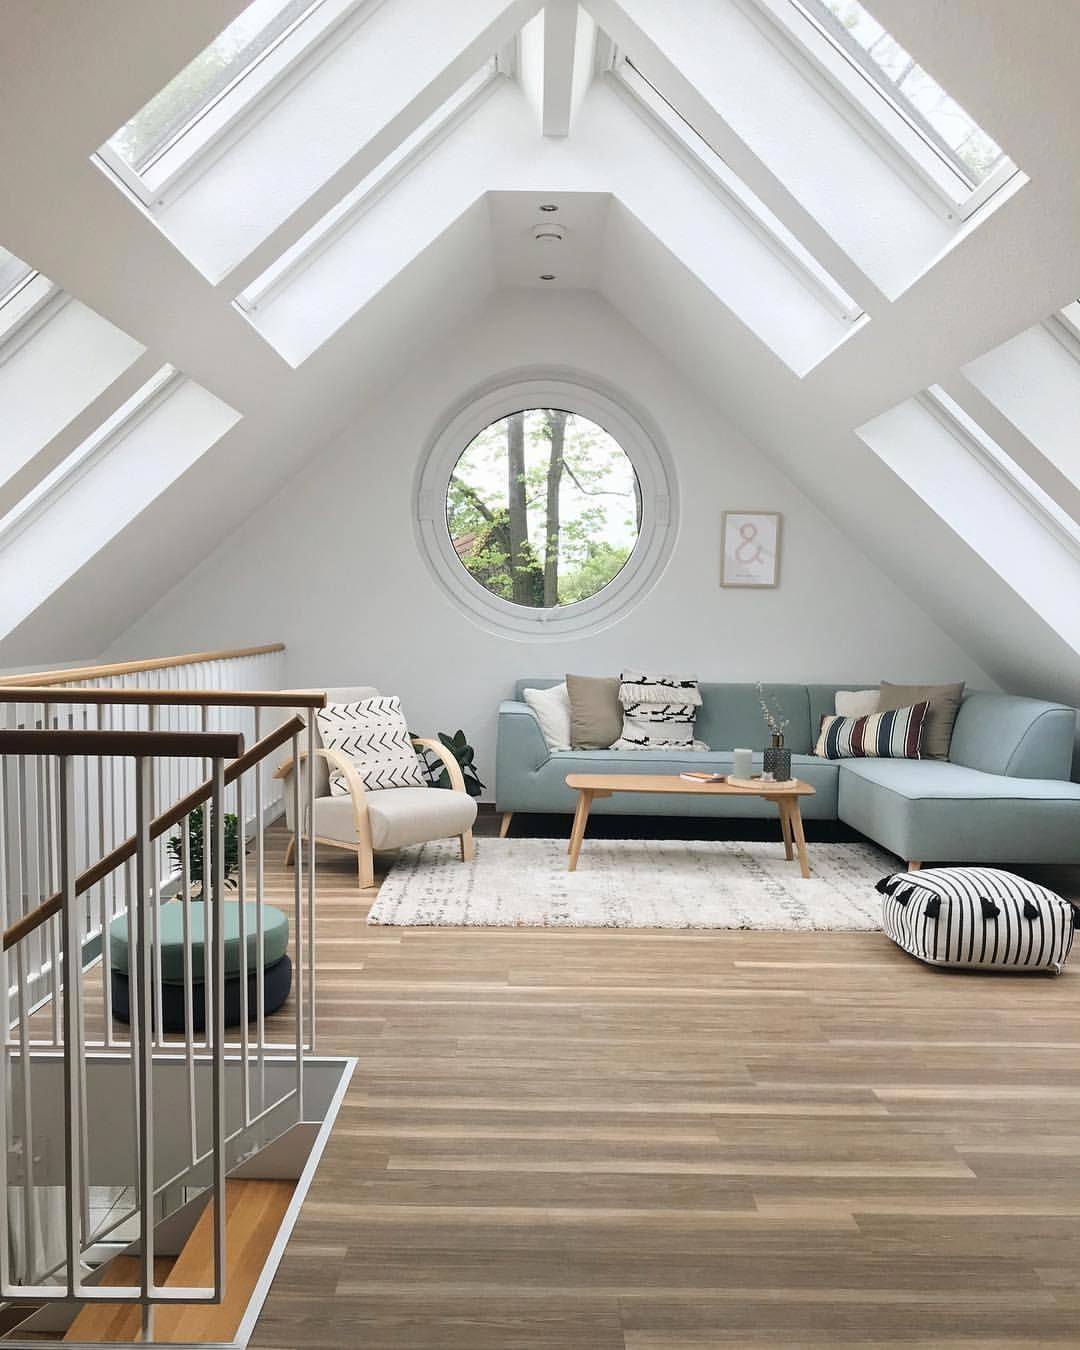 Rooms In Roof Designs: Decorating Ideas For Bloxburg #Decoratingideas